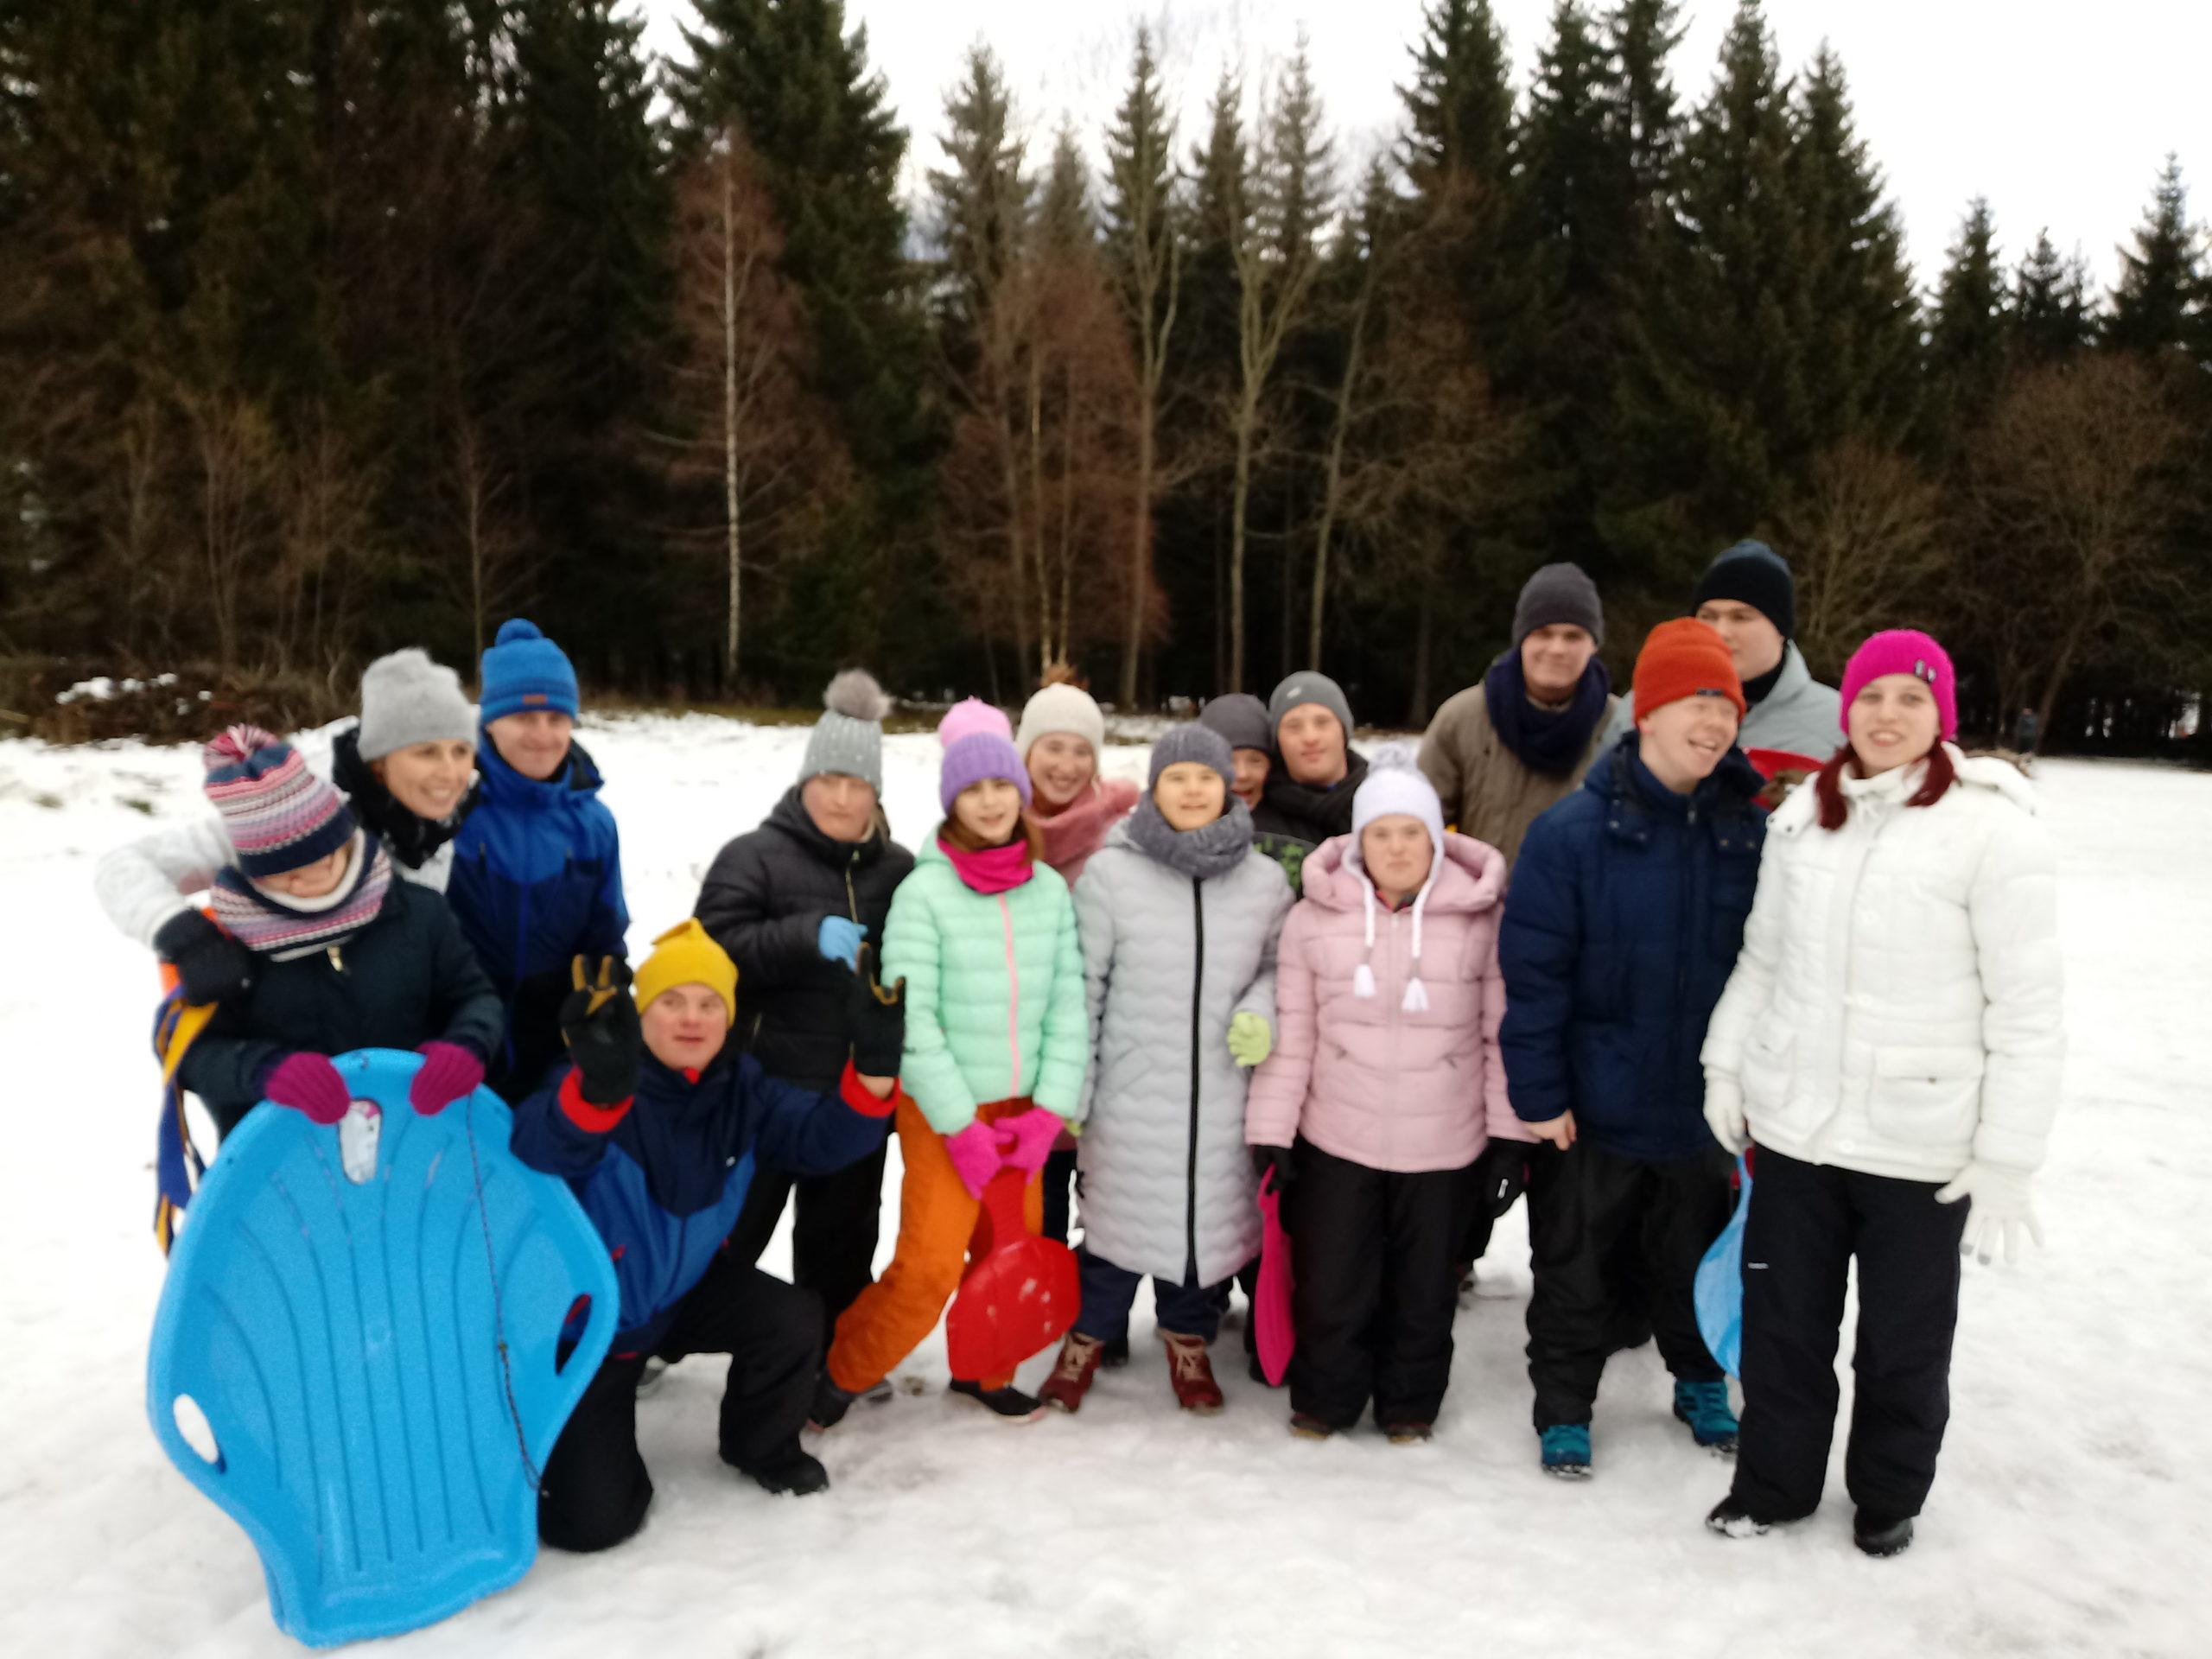 zimowe warsztaty Duszniki Zdrój 2020 (37)